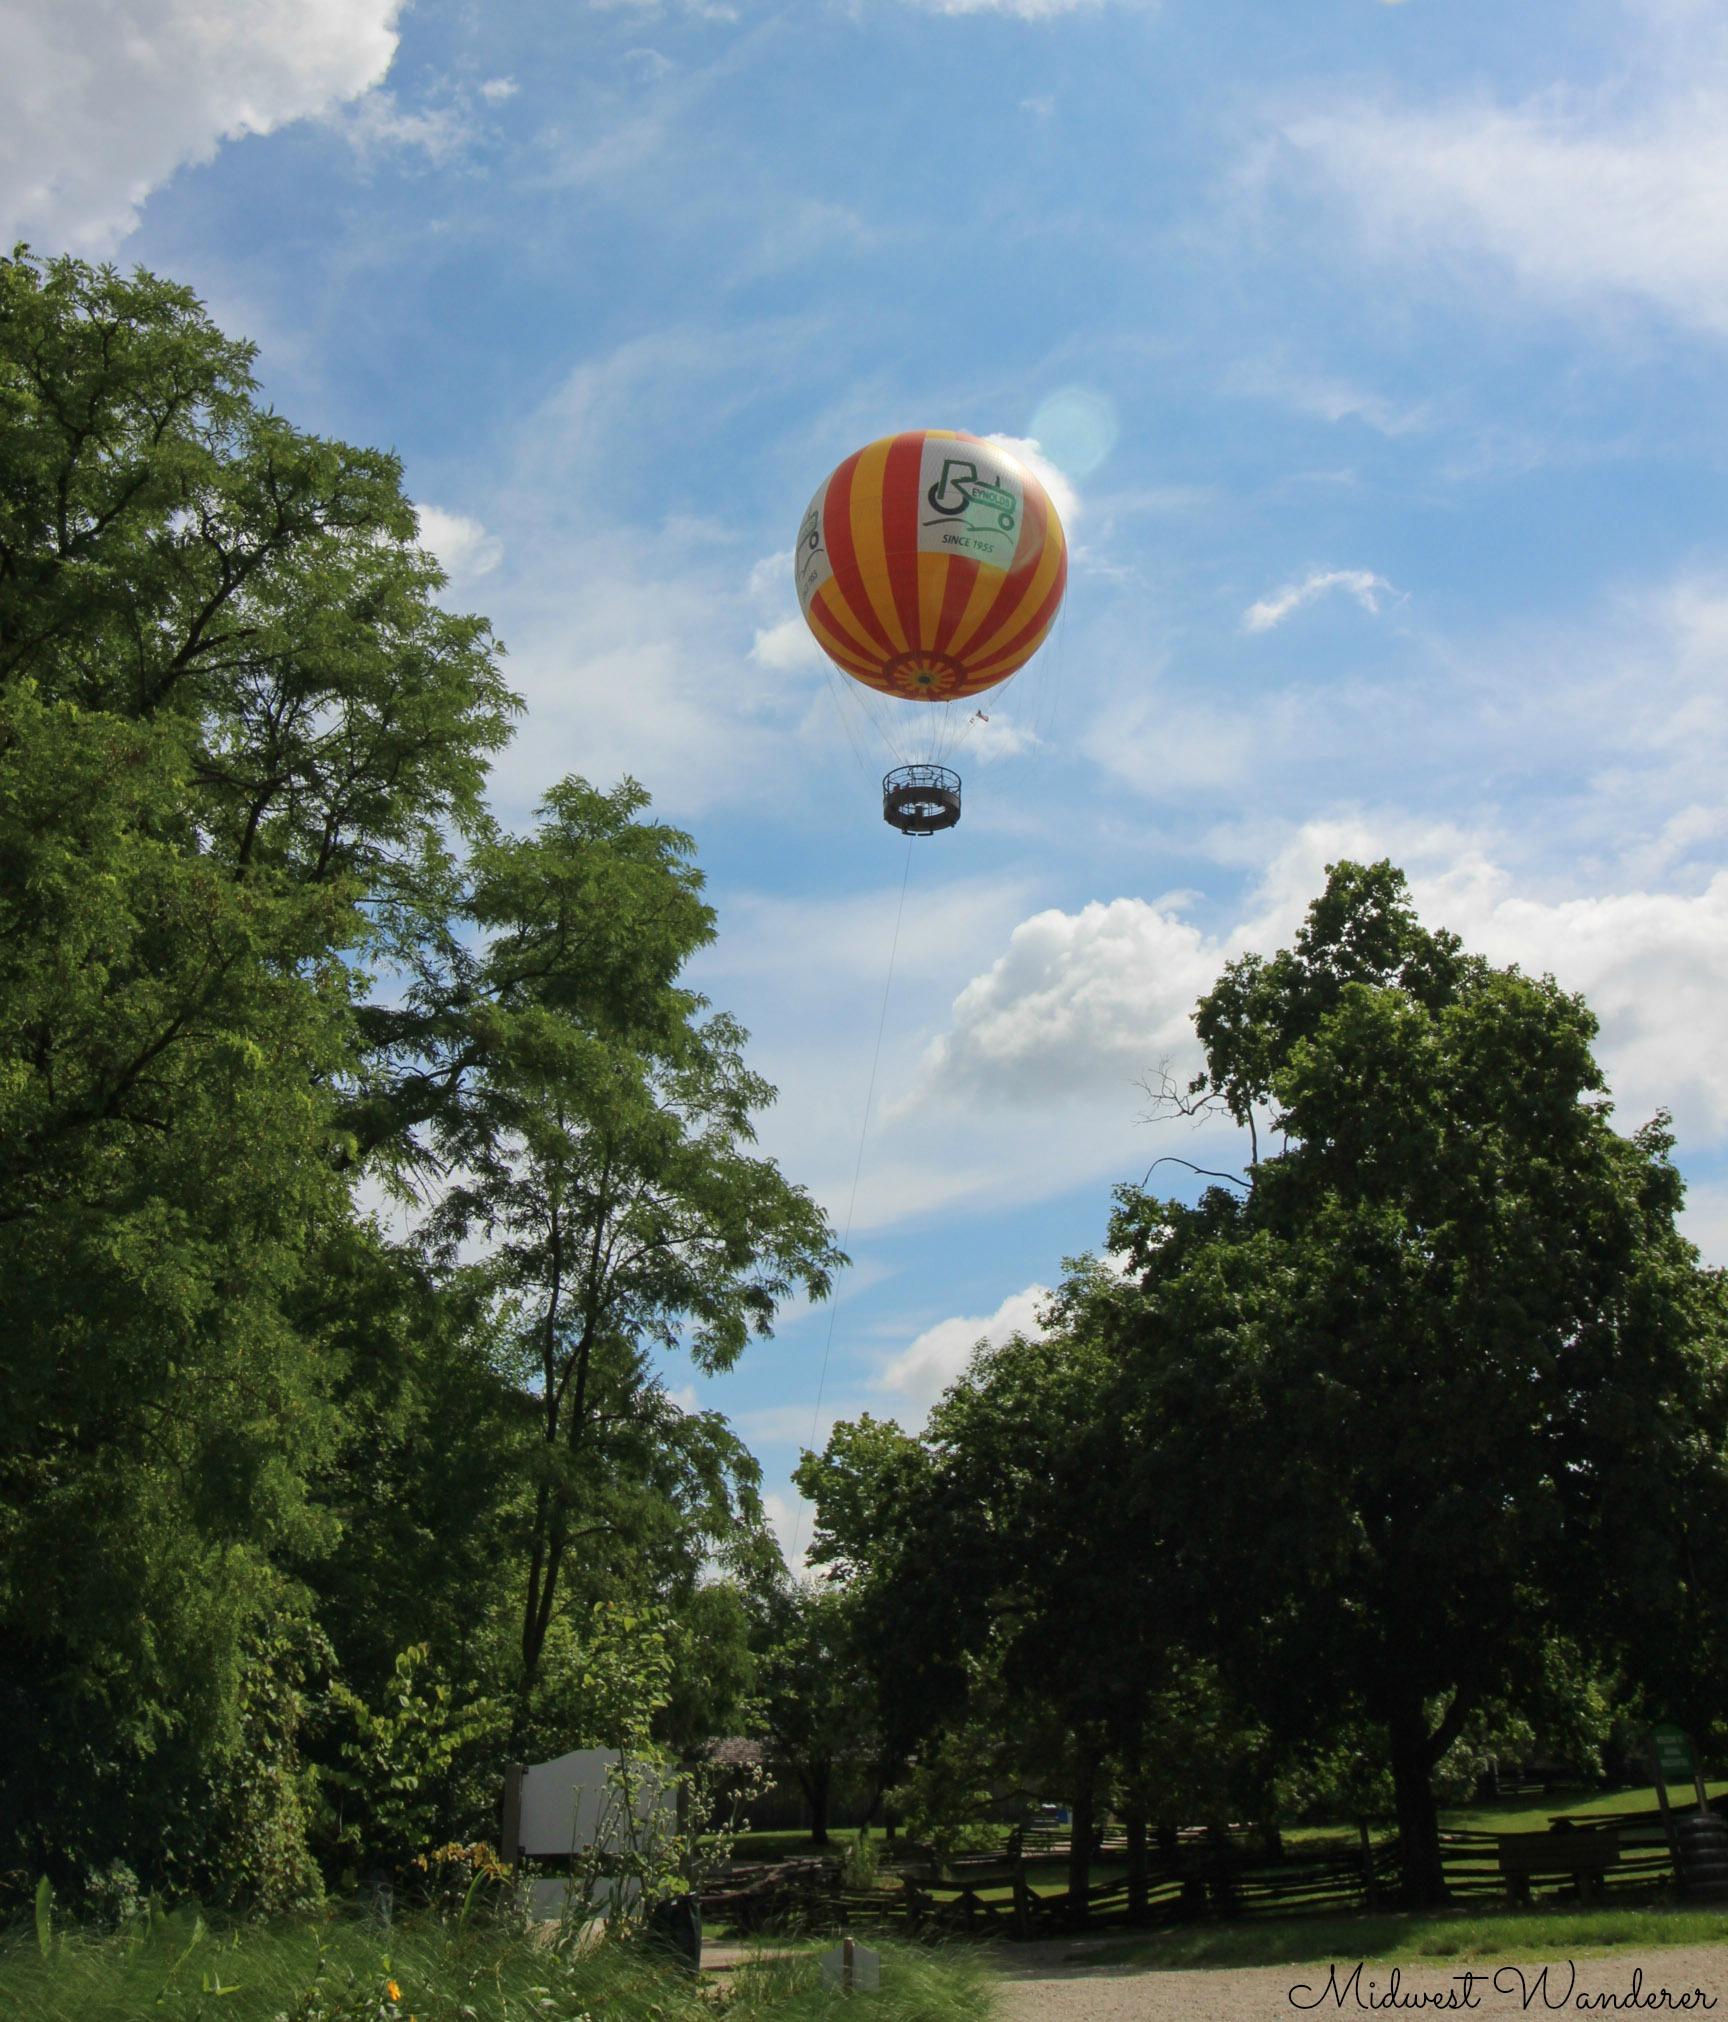 1859 Balloon Adventure - 1